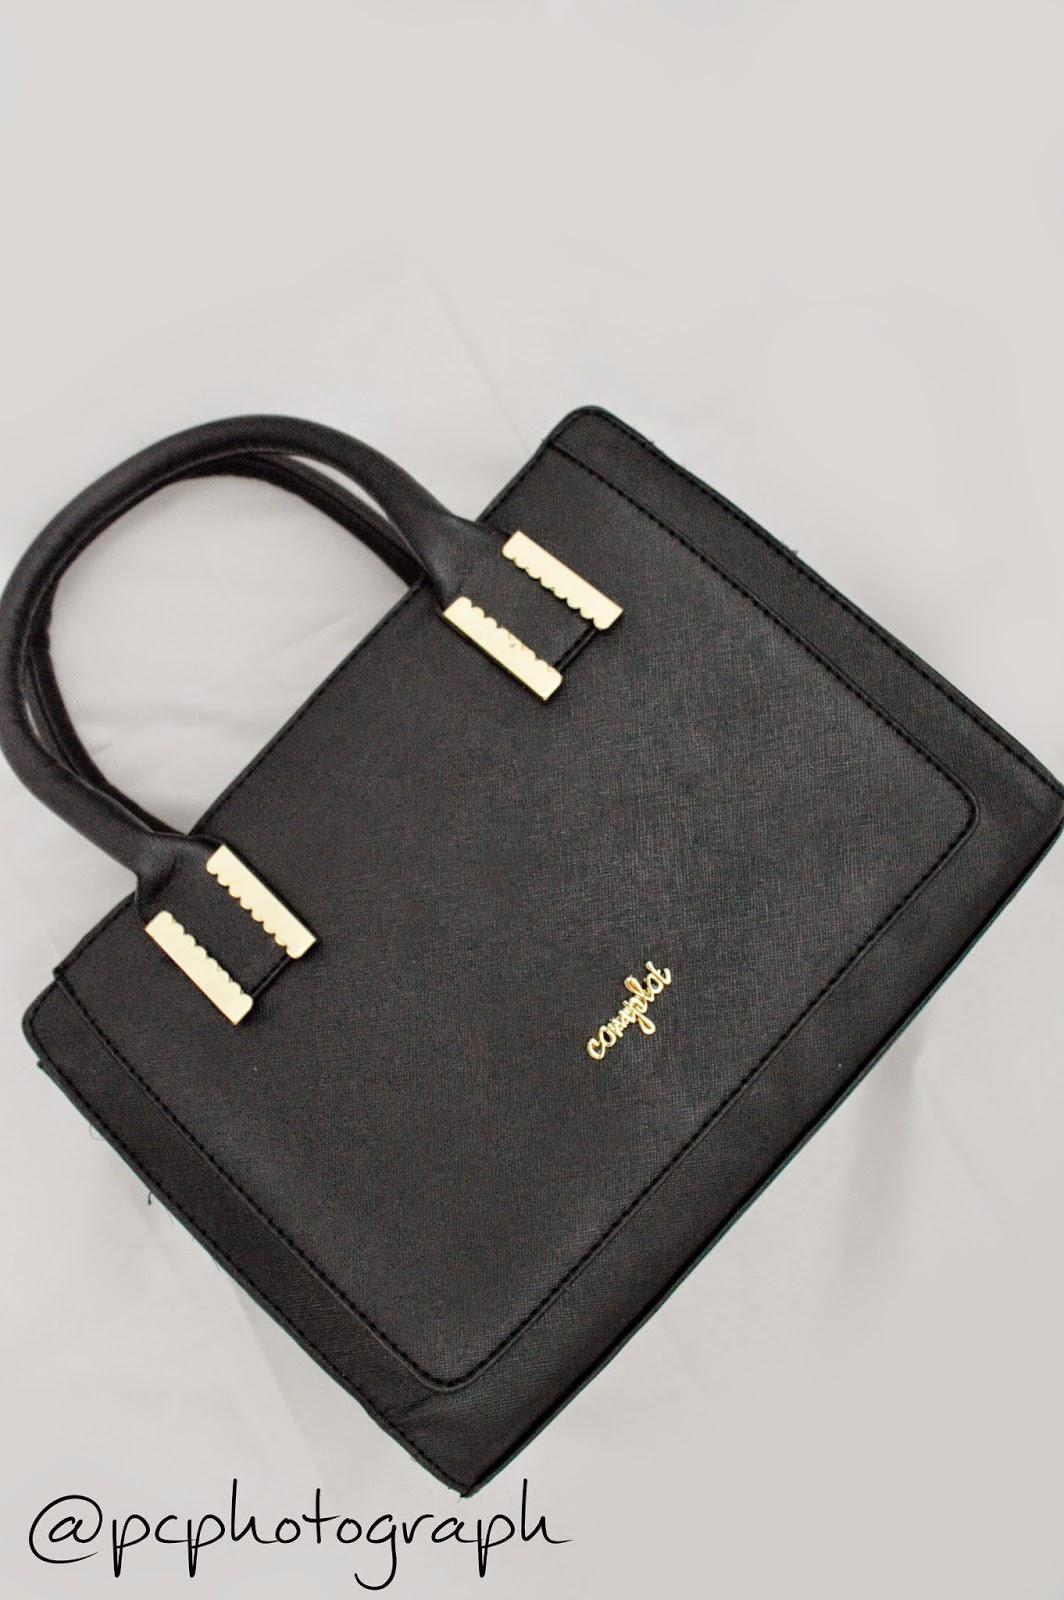 Fashion bag yang menjual berbagai macam tas fashion murah dan berkualitas bertempat di batam kunjungi kami lebih lanjut